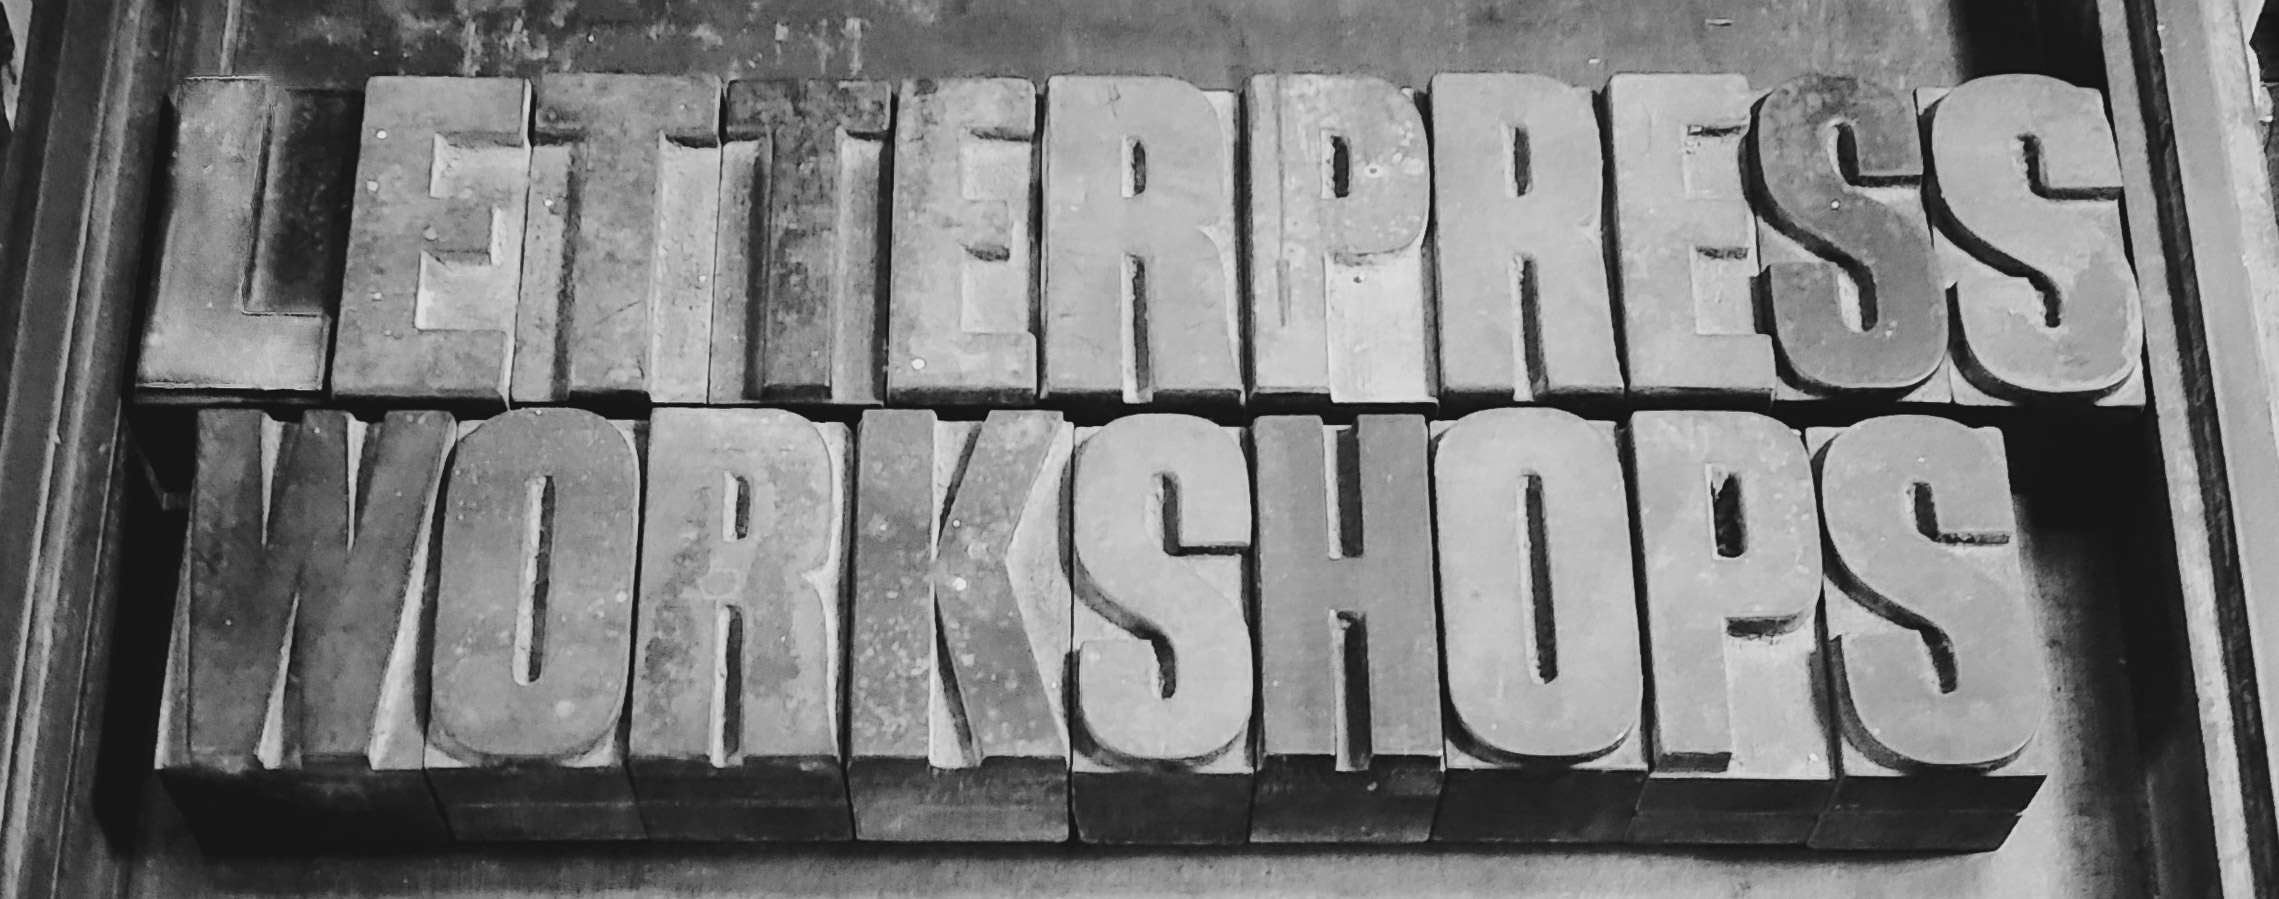 Woodtype workshops lettering.jpg